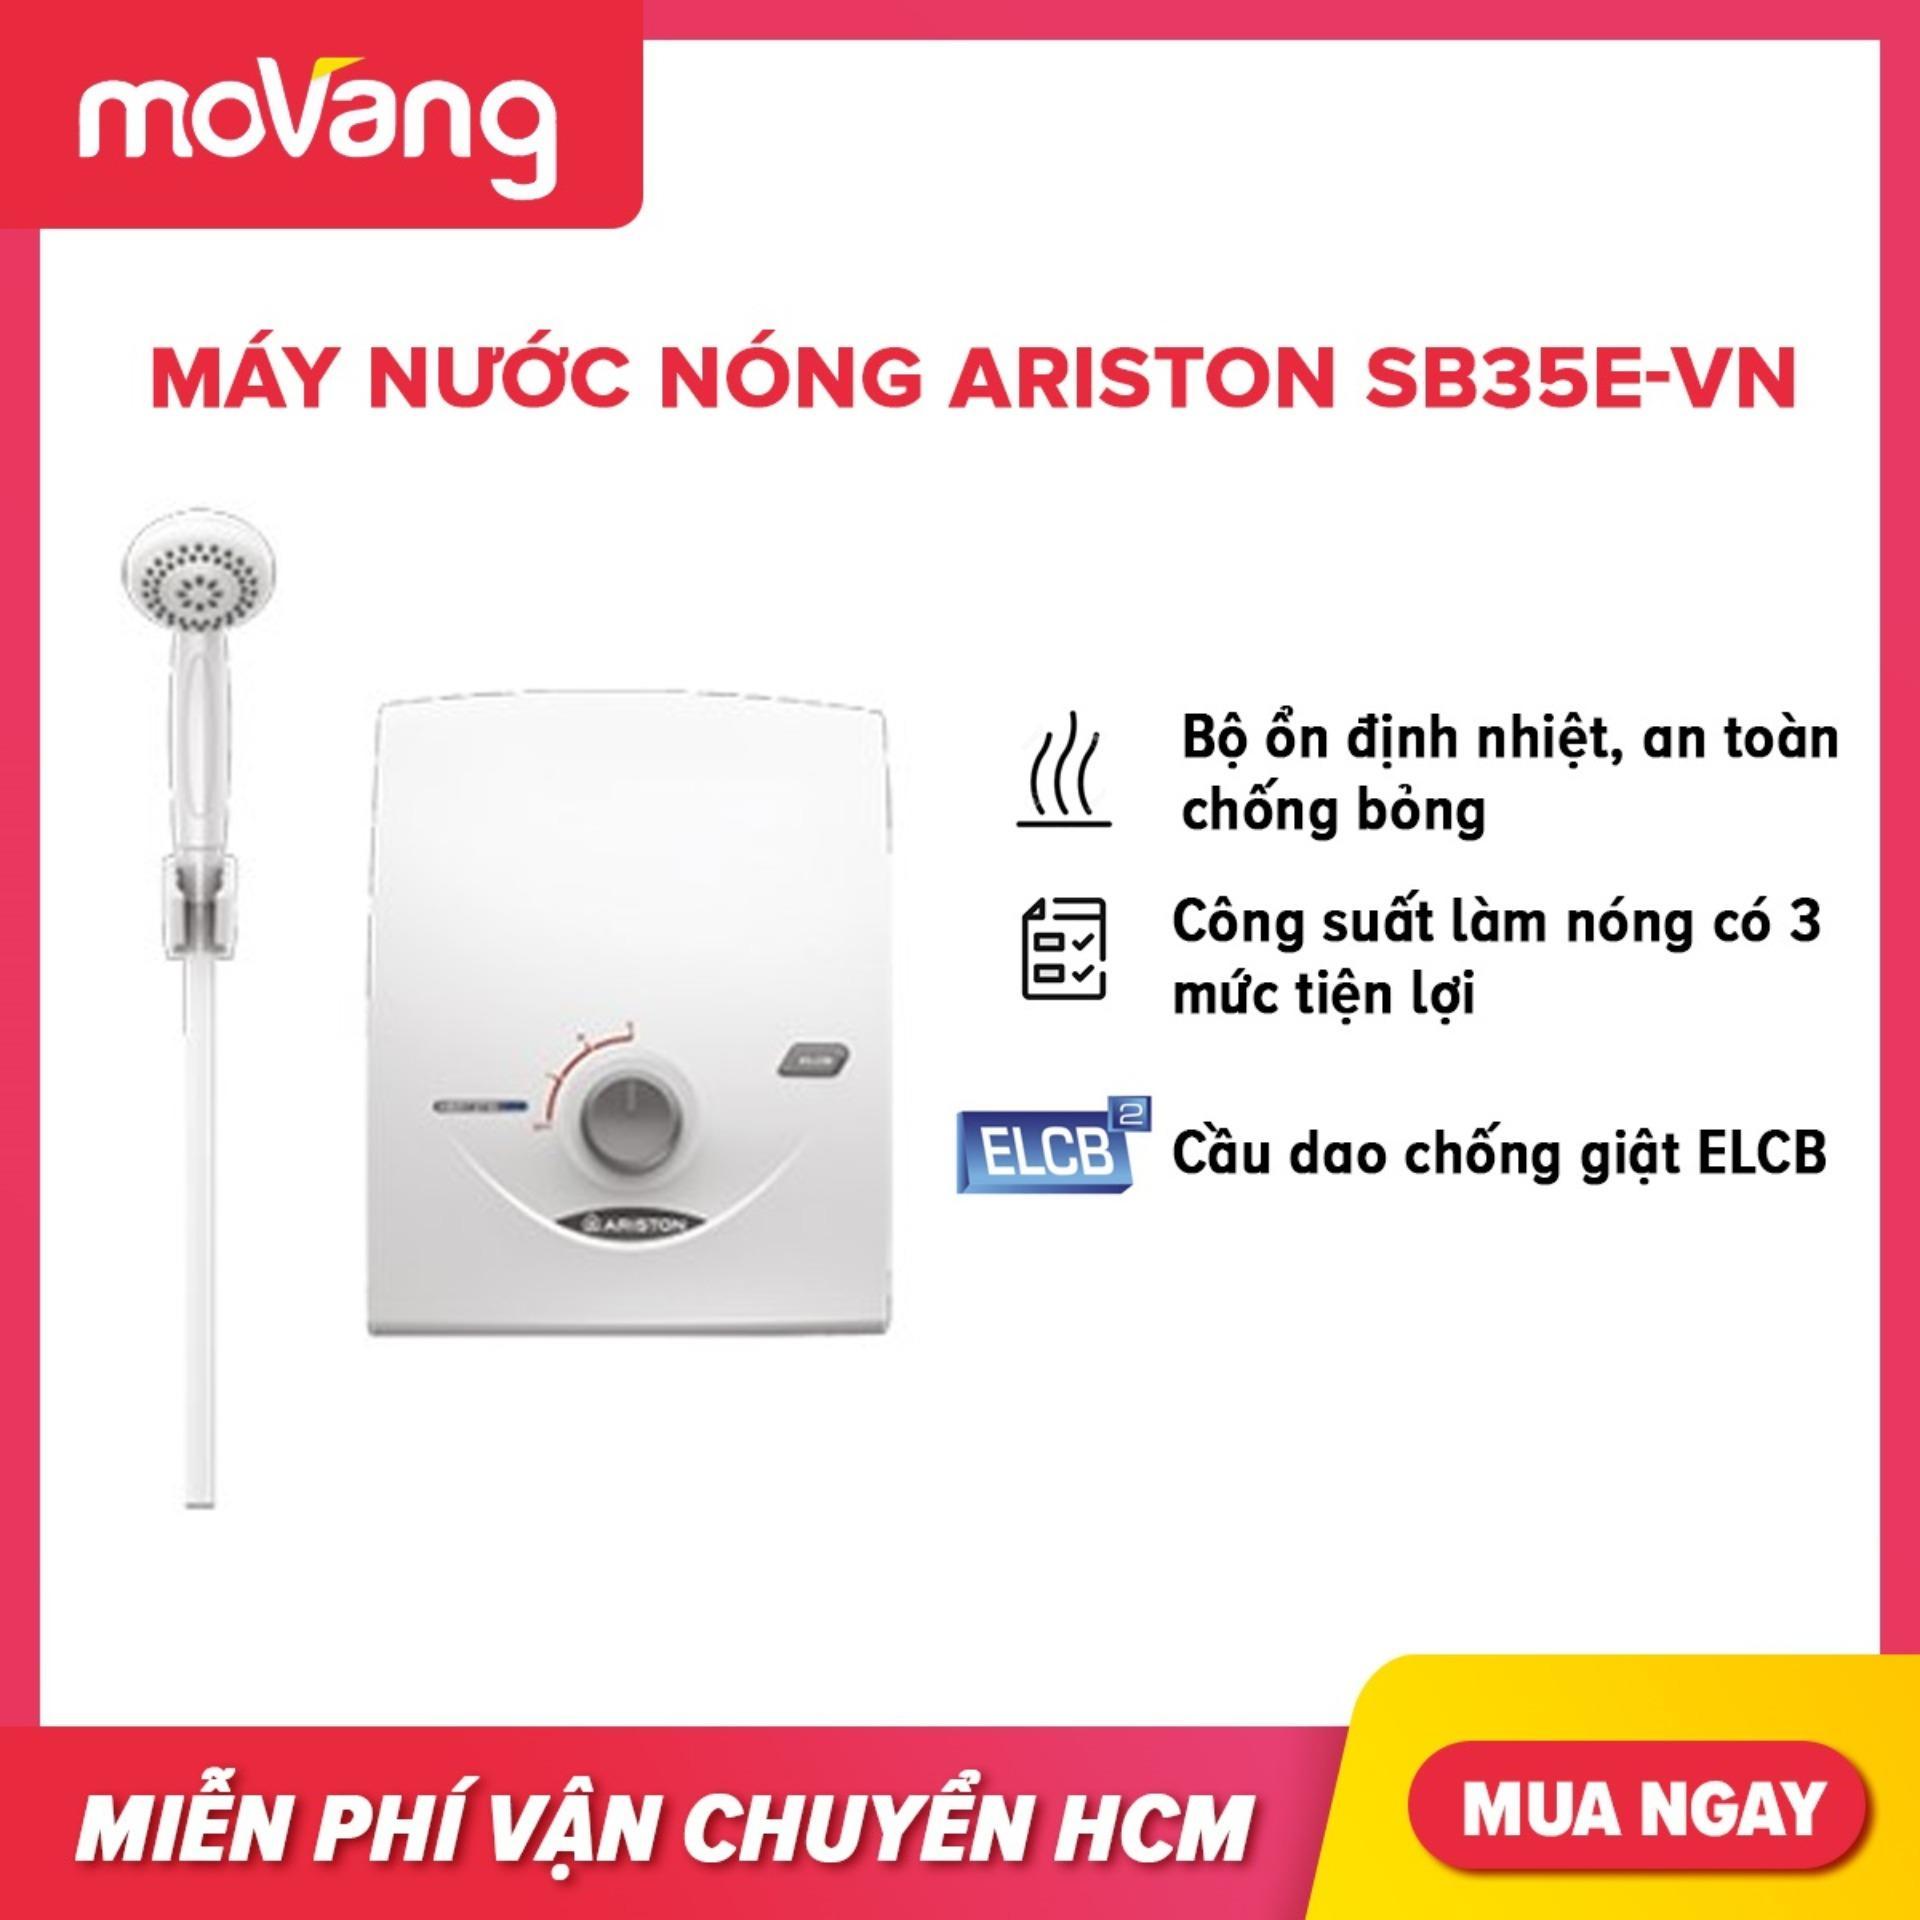 Bảng giá Máy nước nóng Ariston SB35E-VN